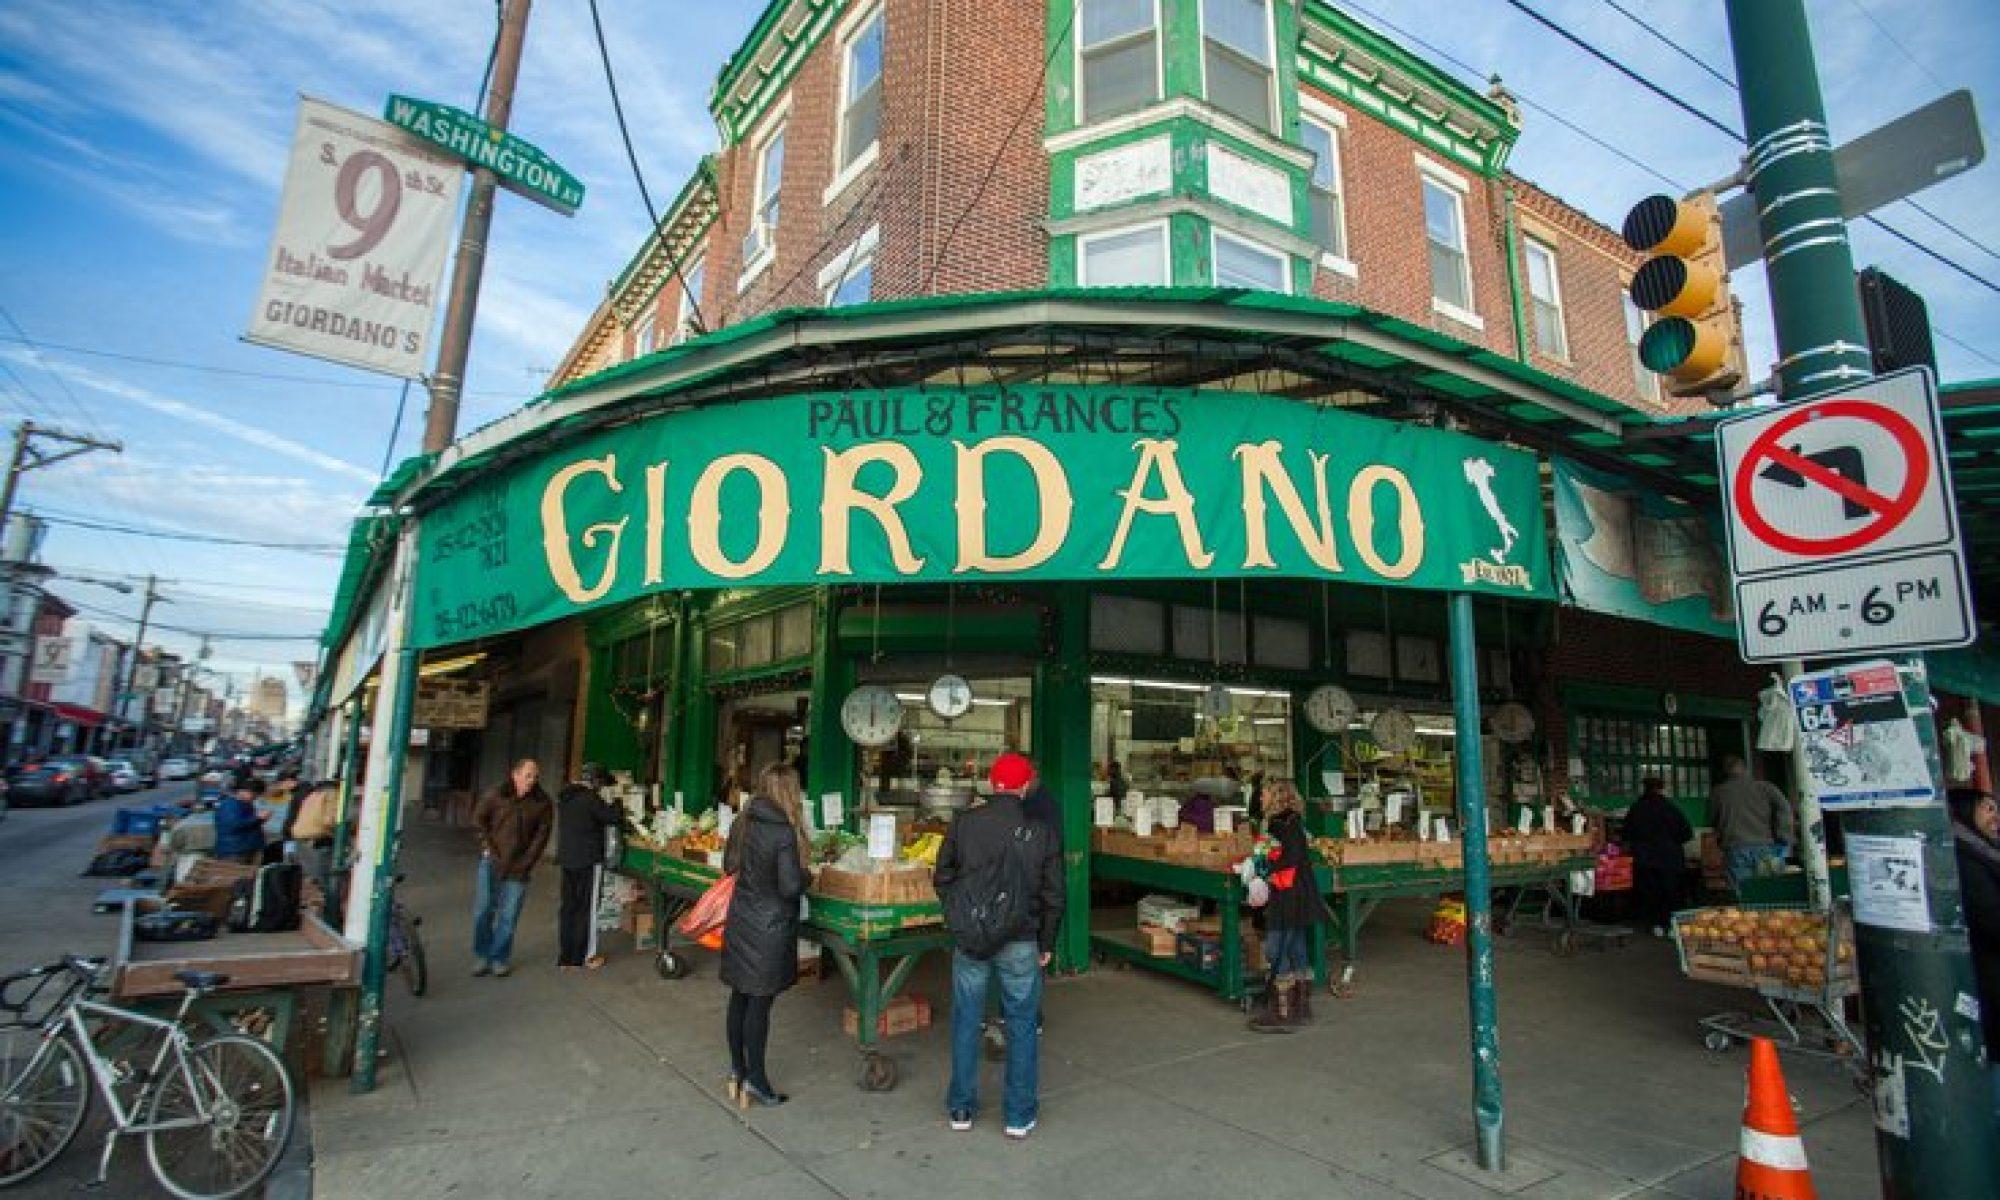 P&F Giordano Italian Market